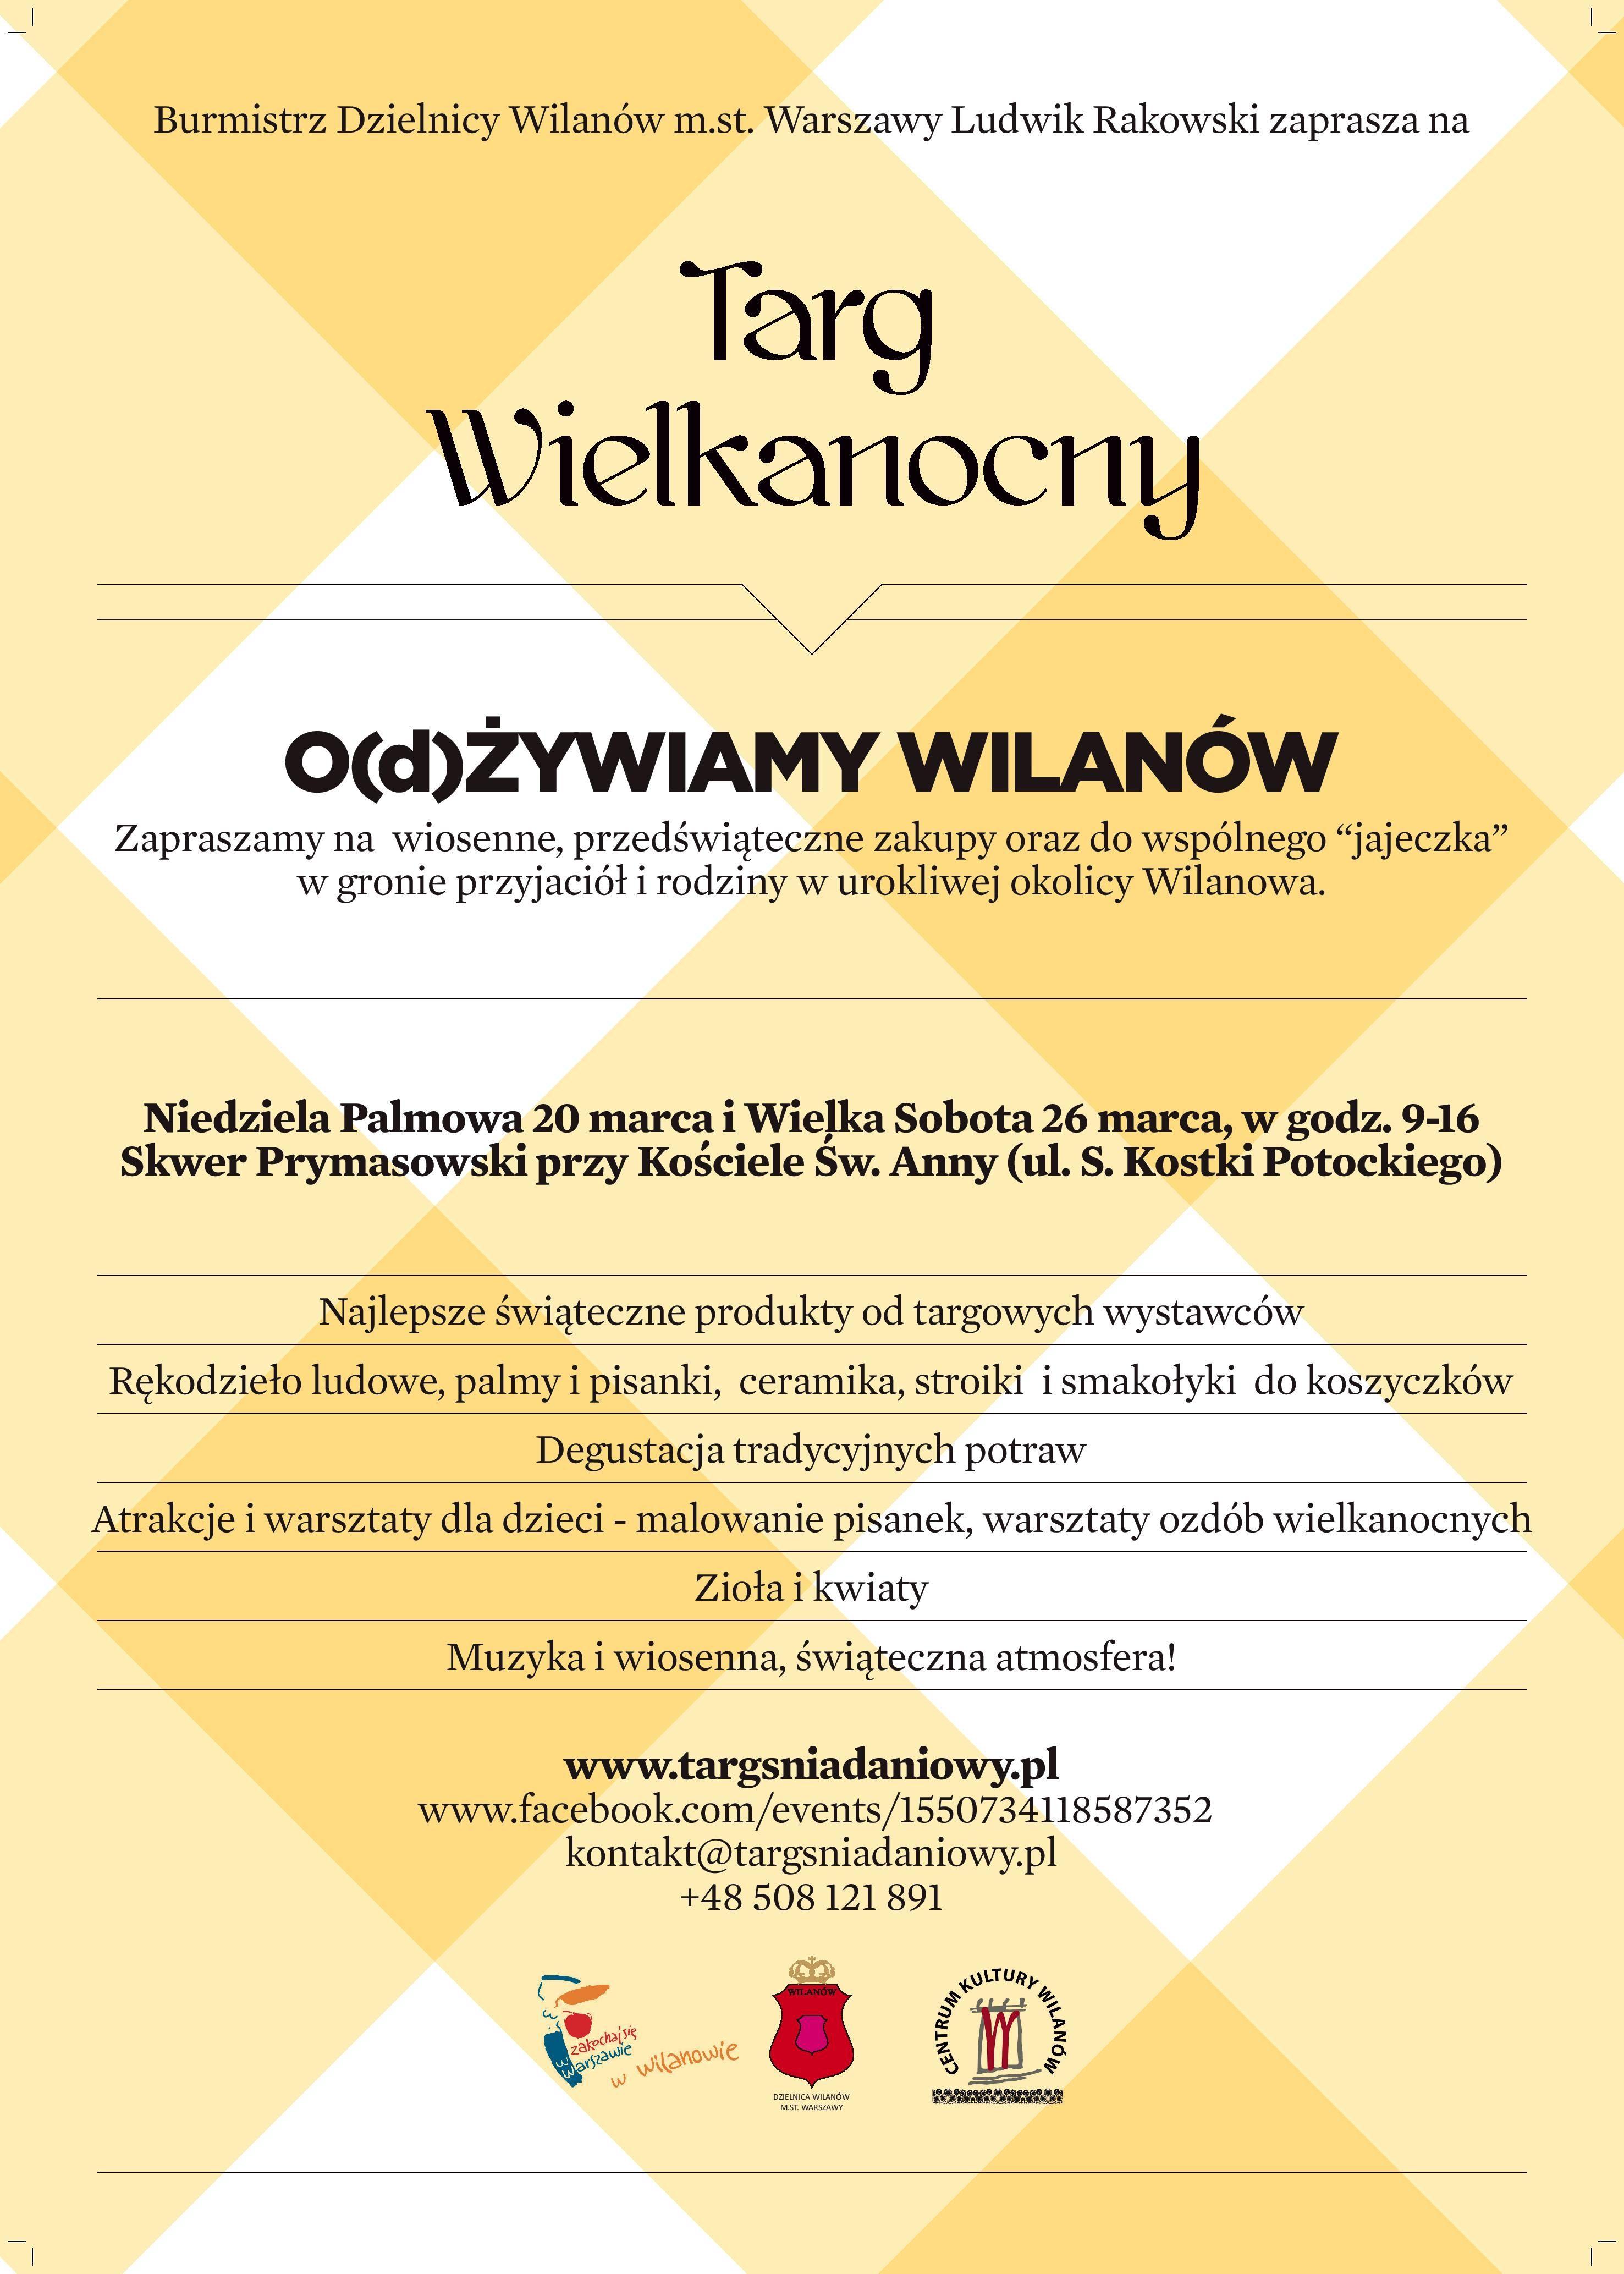 targ_wielkanocny_wilanow